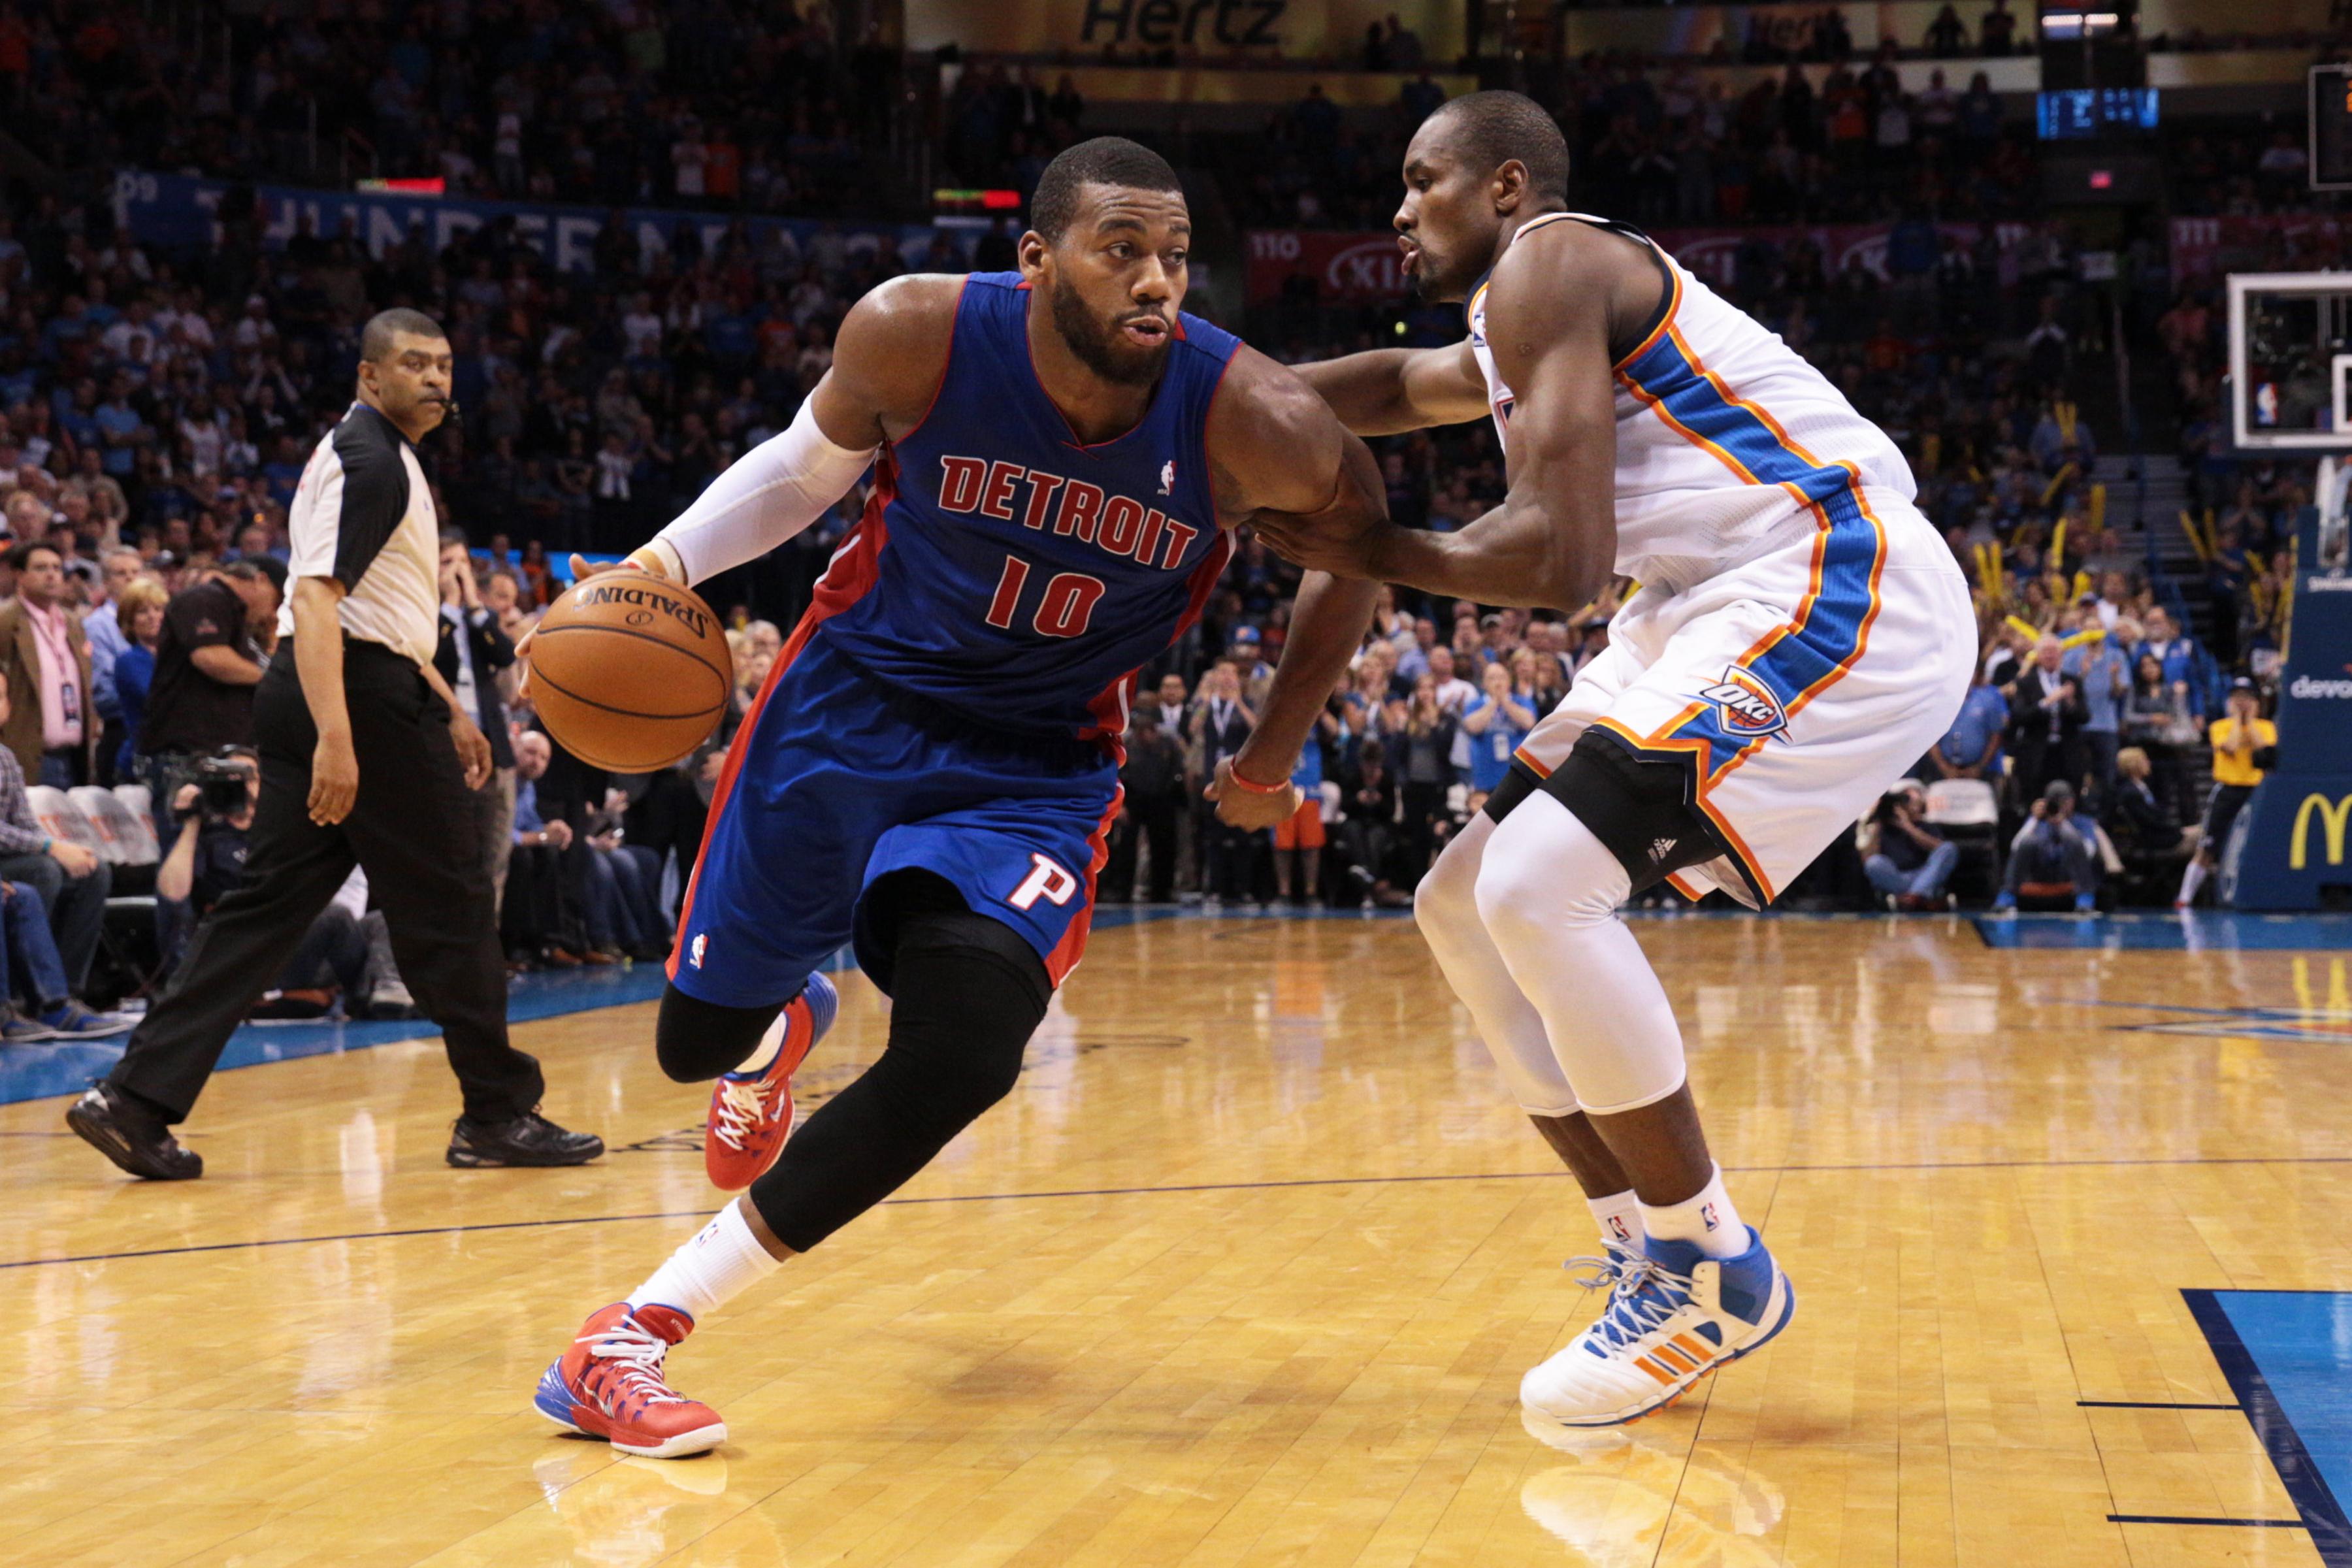 Detroit Pistons vs Oklahoma City Thunder